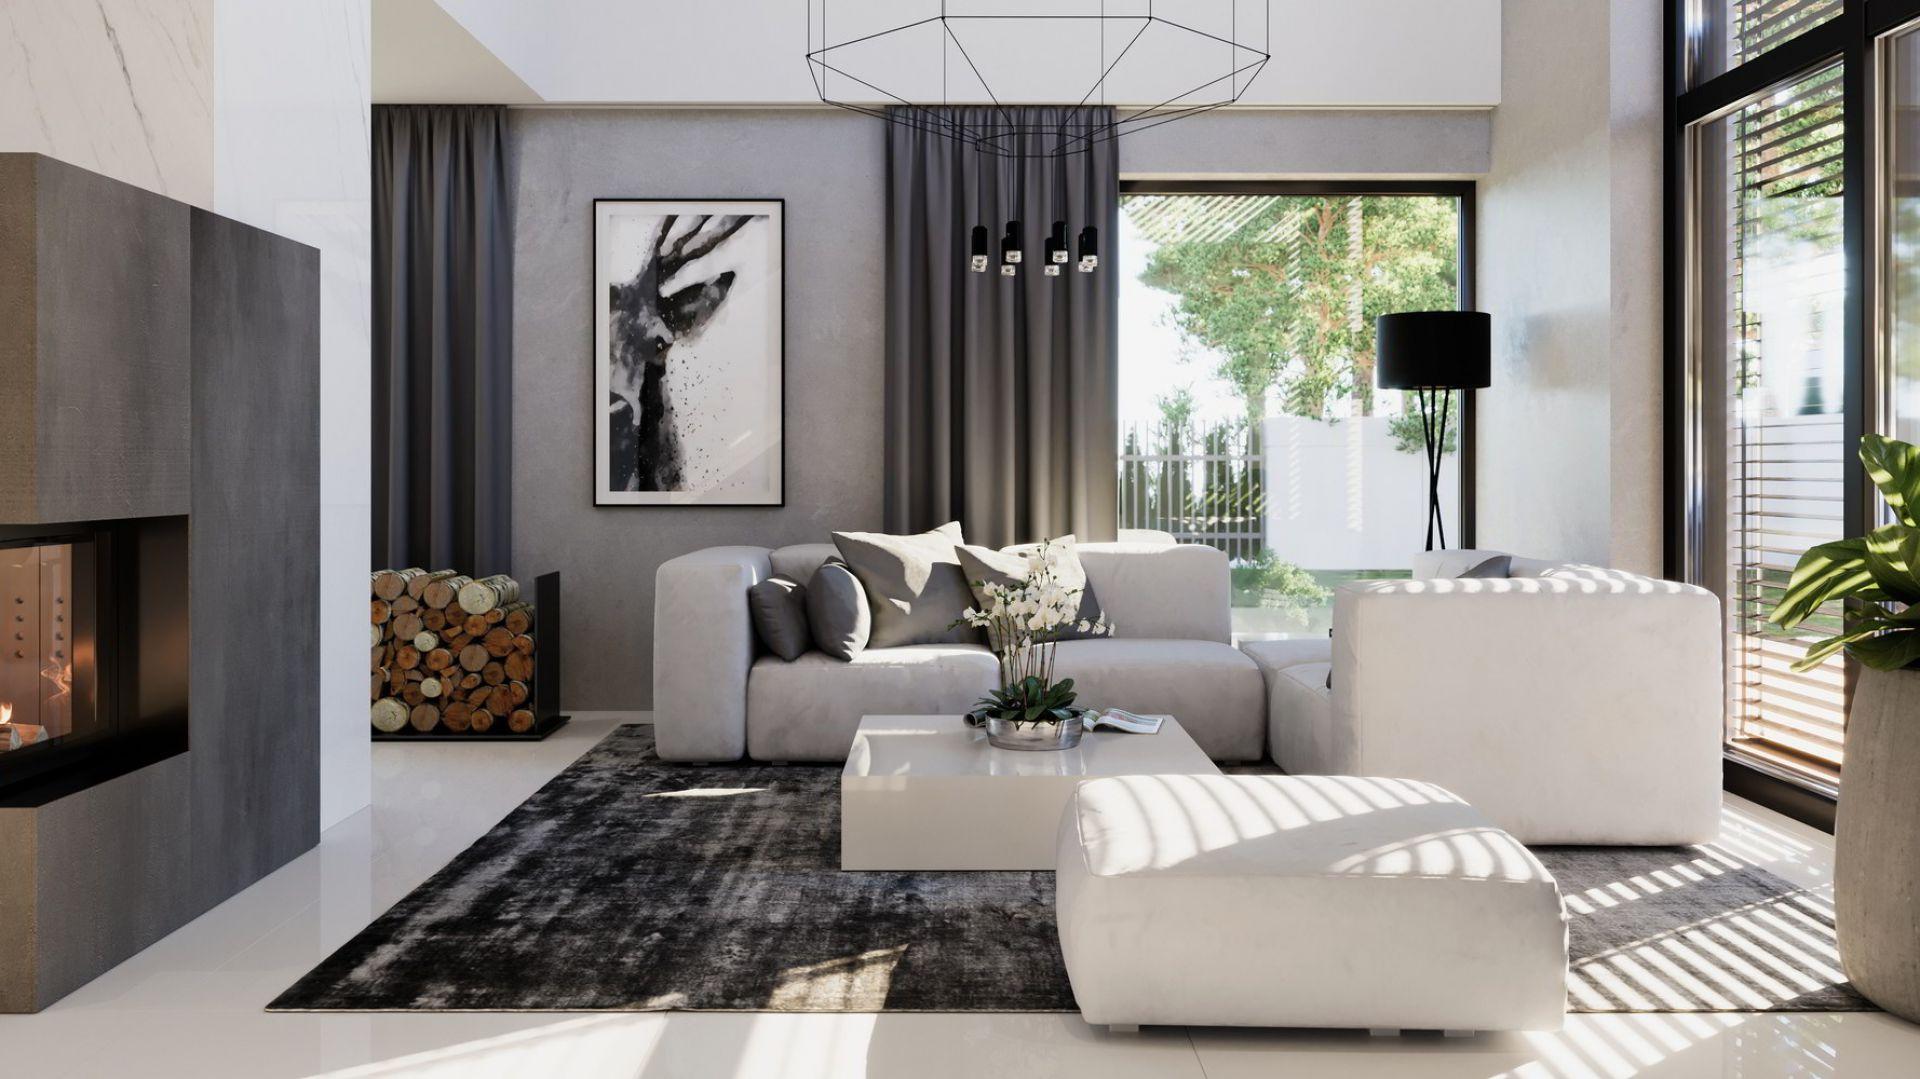 W salonie dominuje biel, szarości i drewno. Dom HomeKONCEPT 49. Fot. HomeKONCEPT